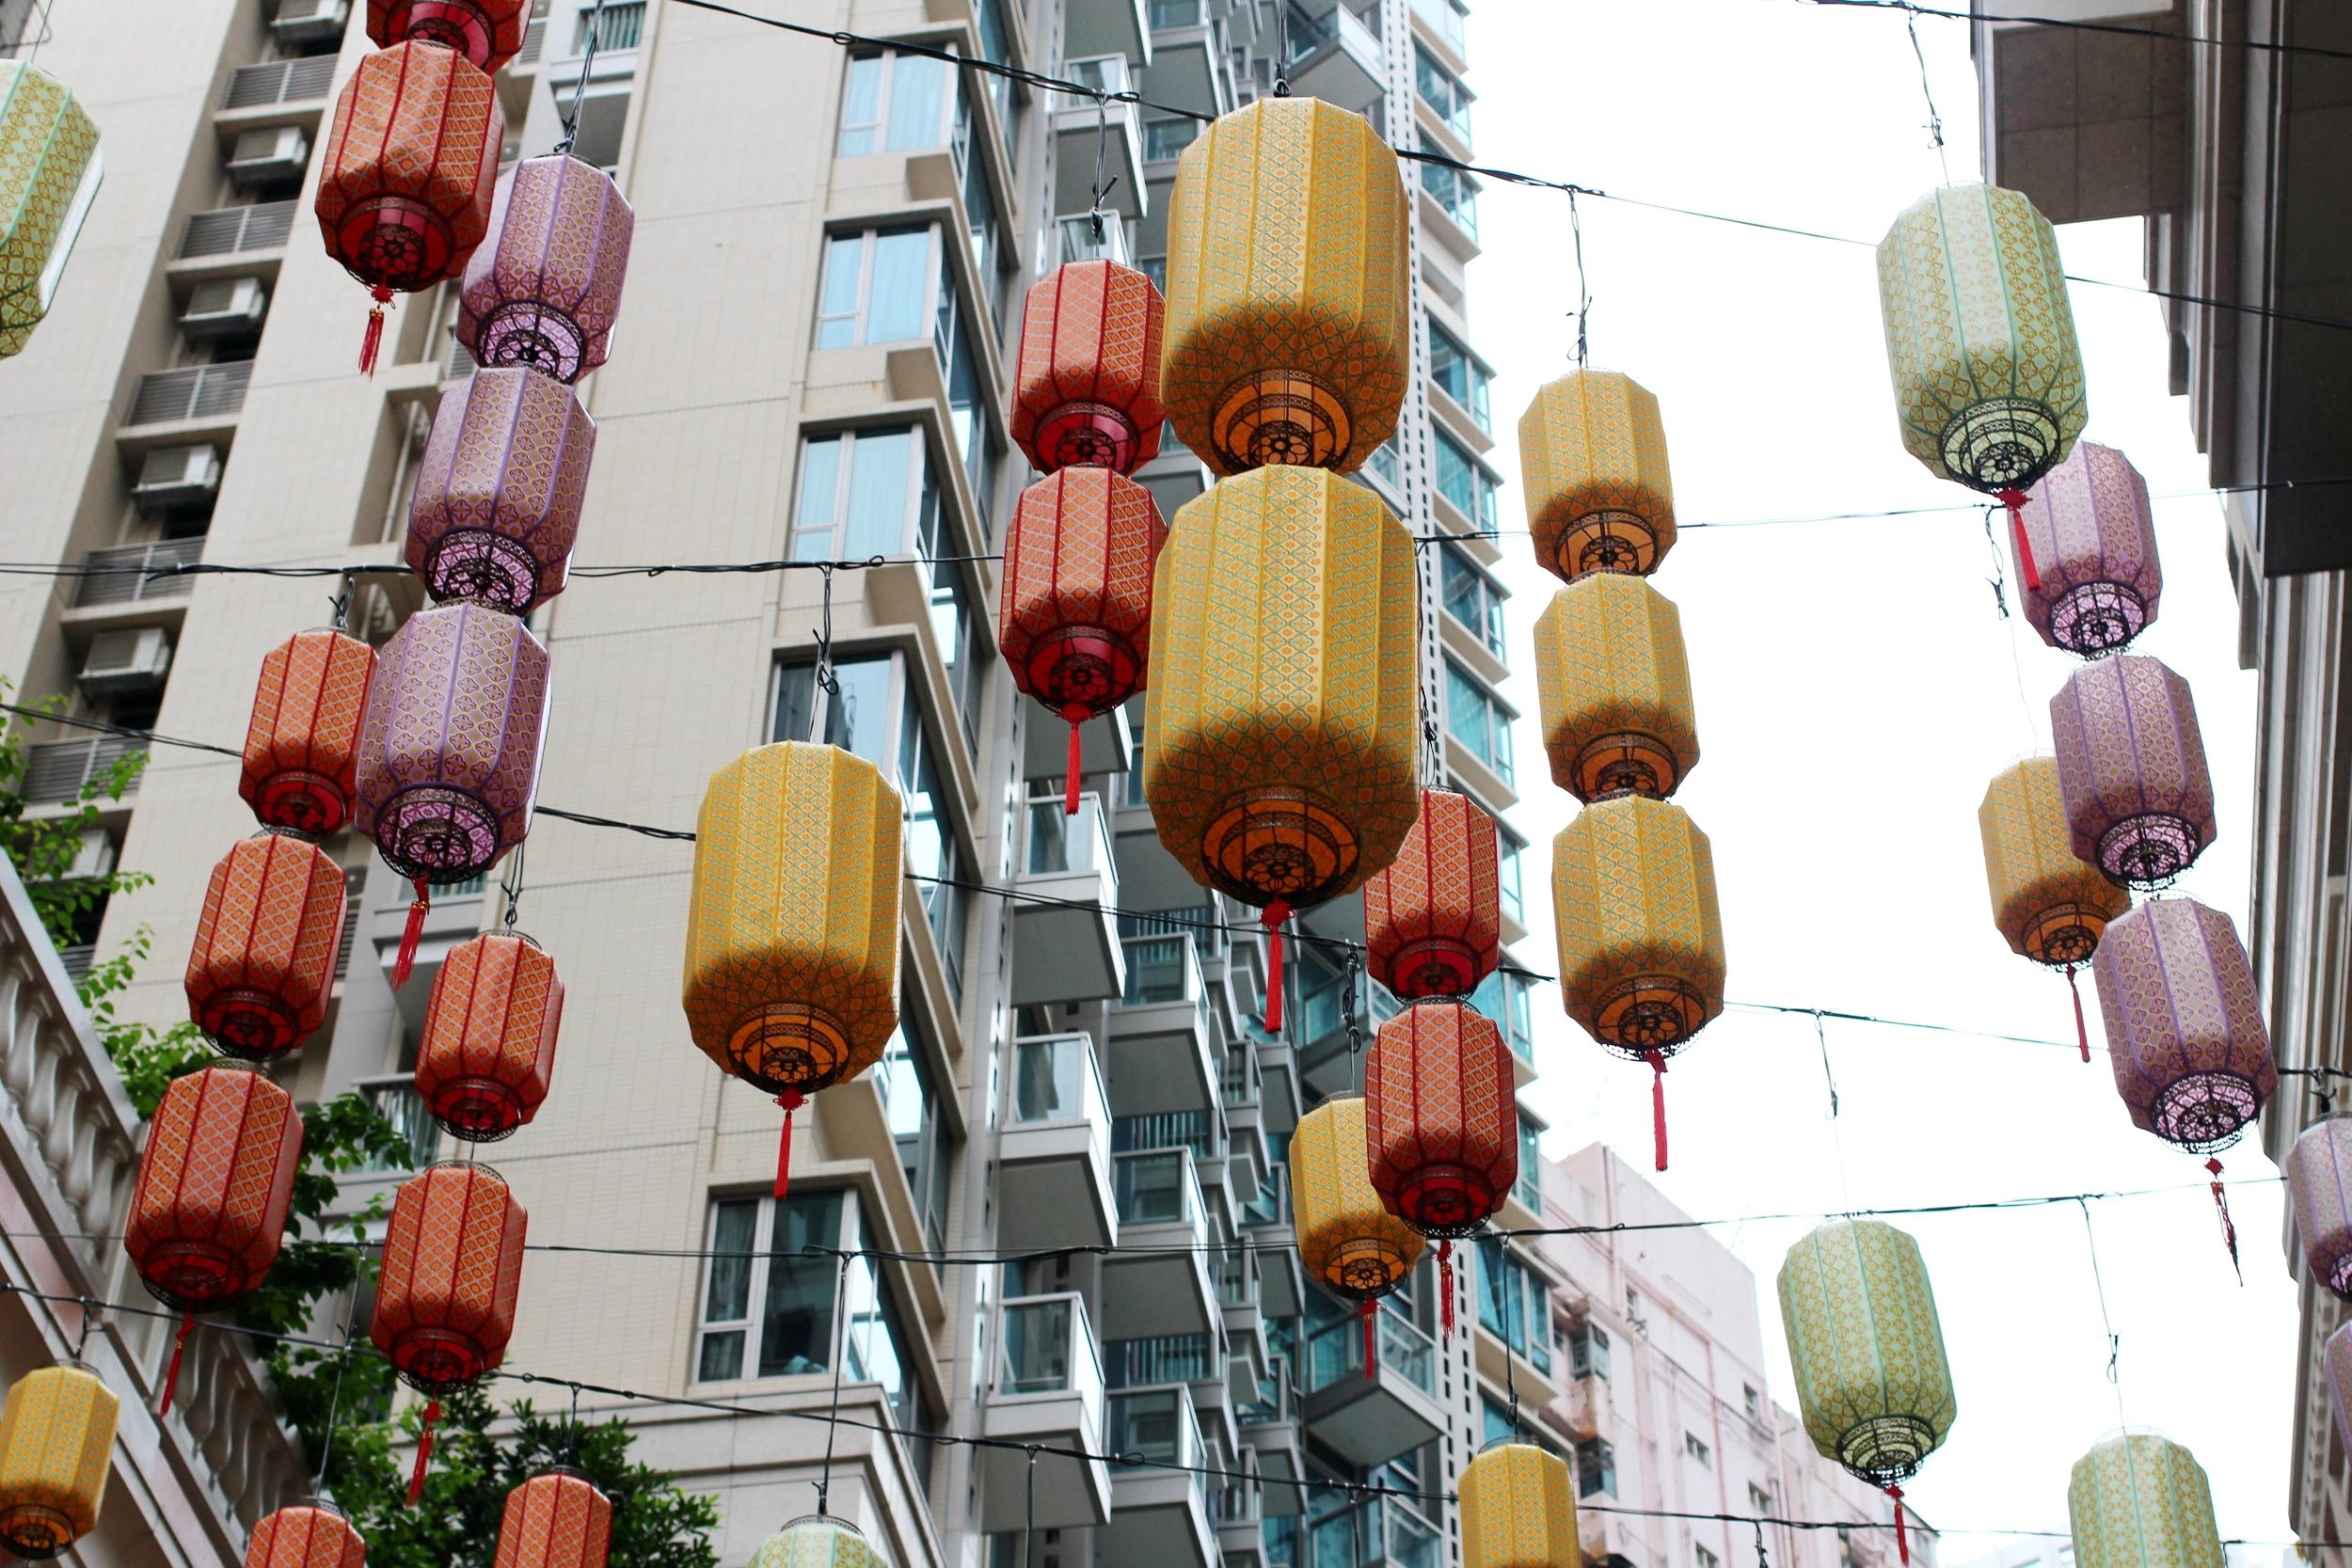 festival_lanterns_hongkong2016.JPG